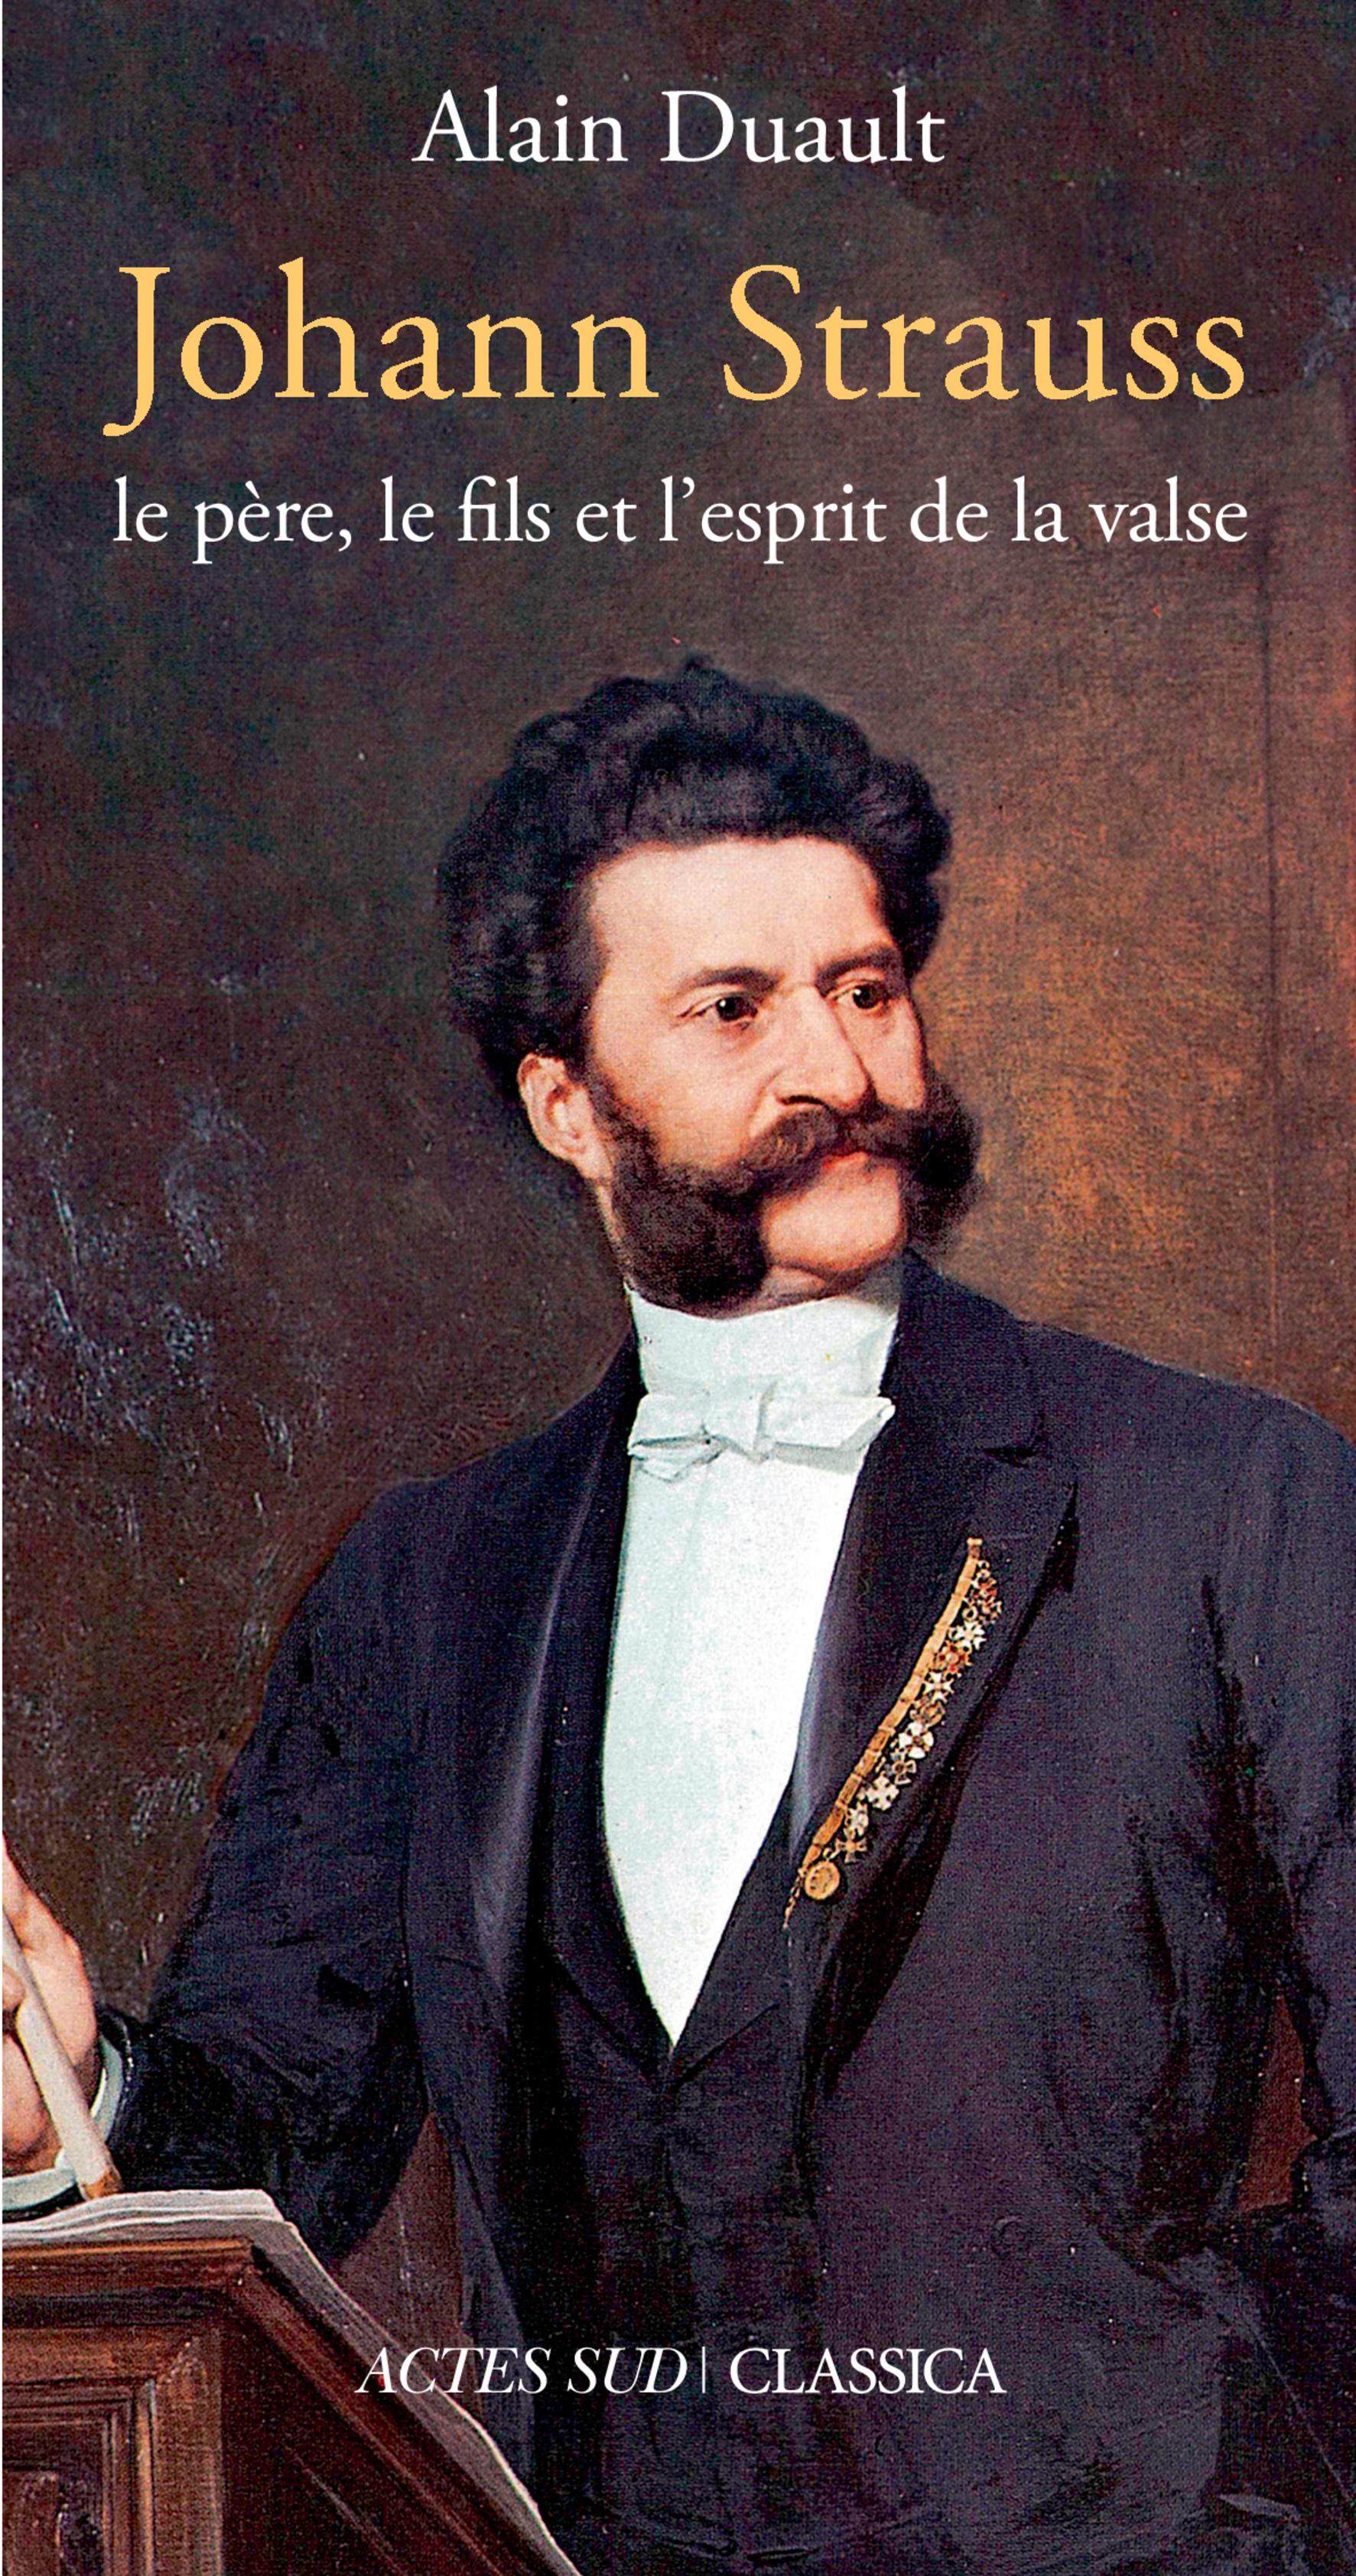 Johann Strauss, le père, le fils et l'esprit de la valse | Duault, Alain